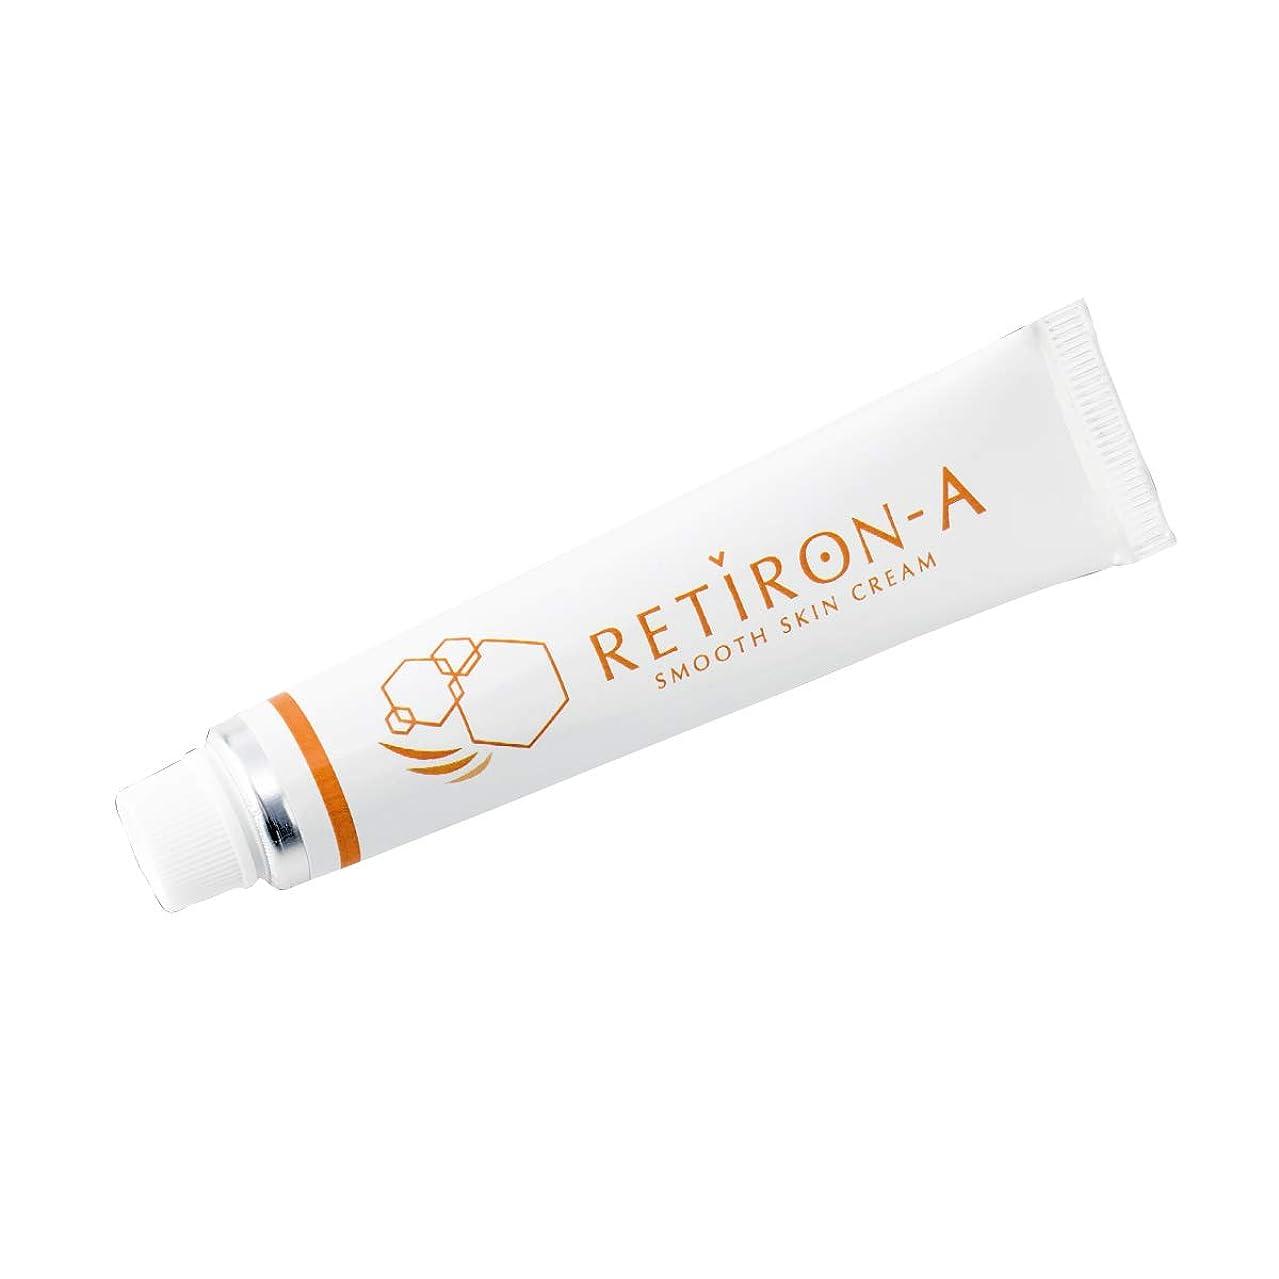 感動する無臭ドットクリーム 化粧品 レチノール配合 レチロンA パラベンフリー